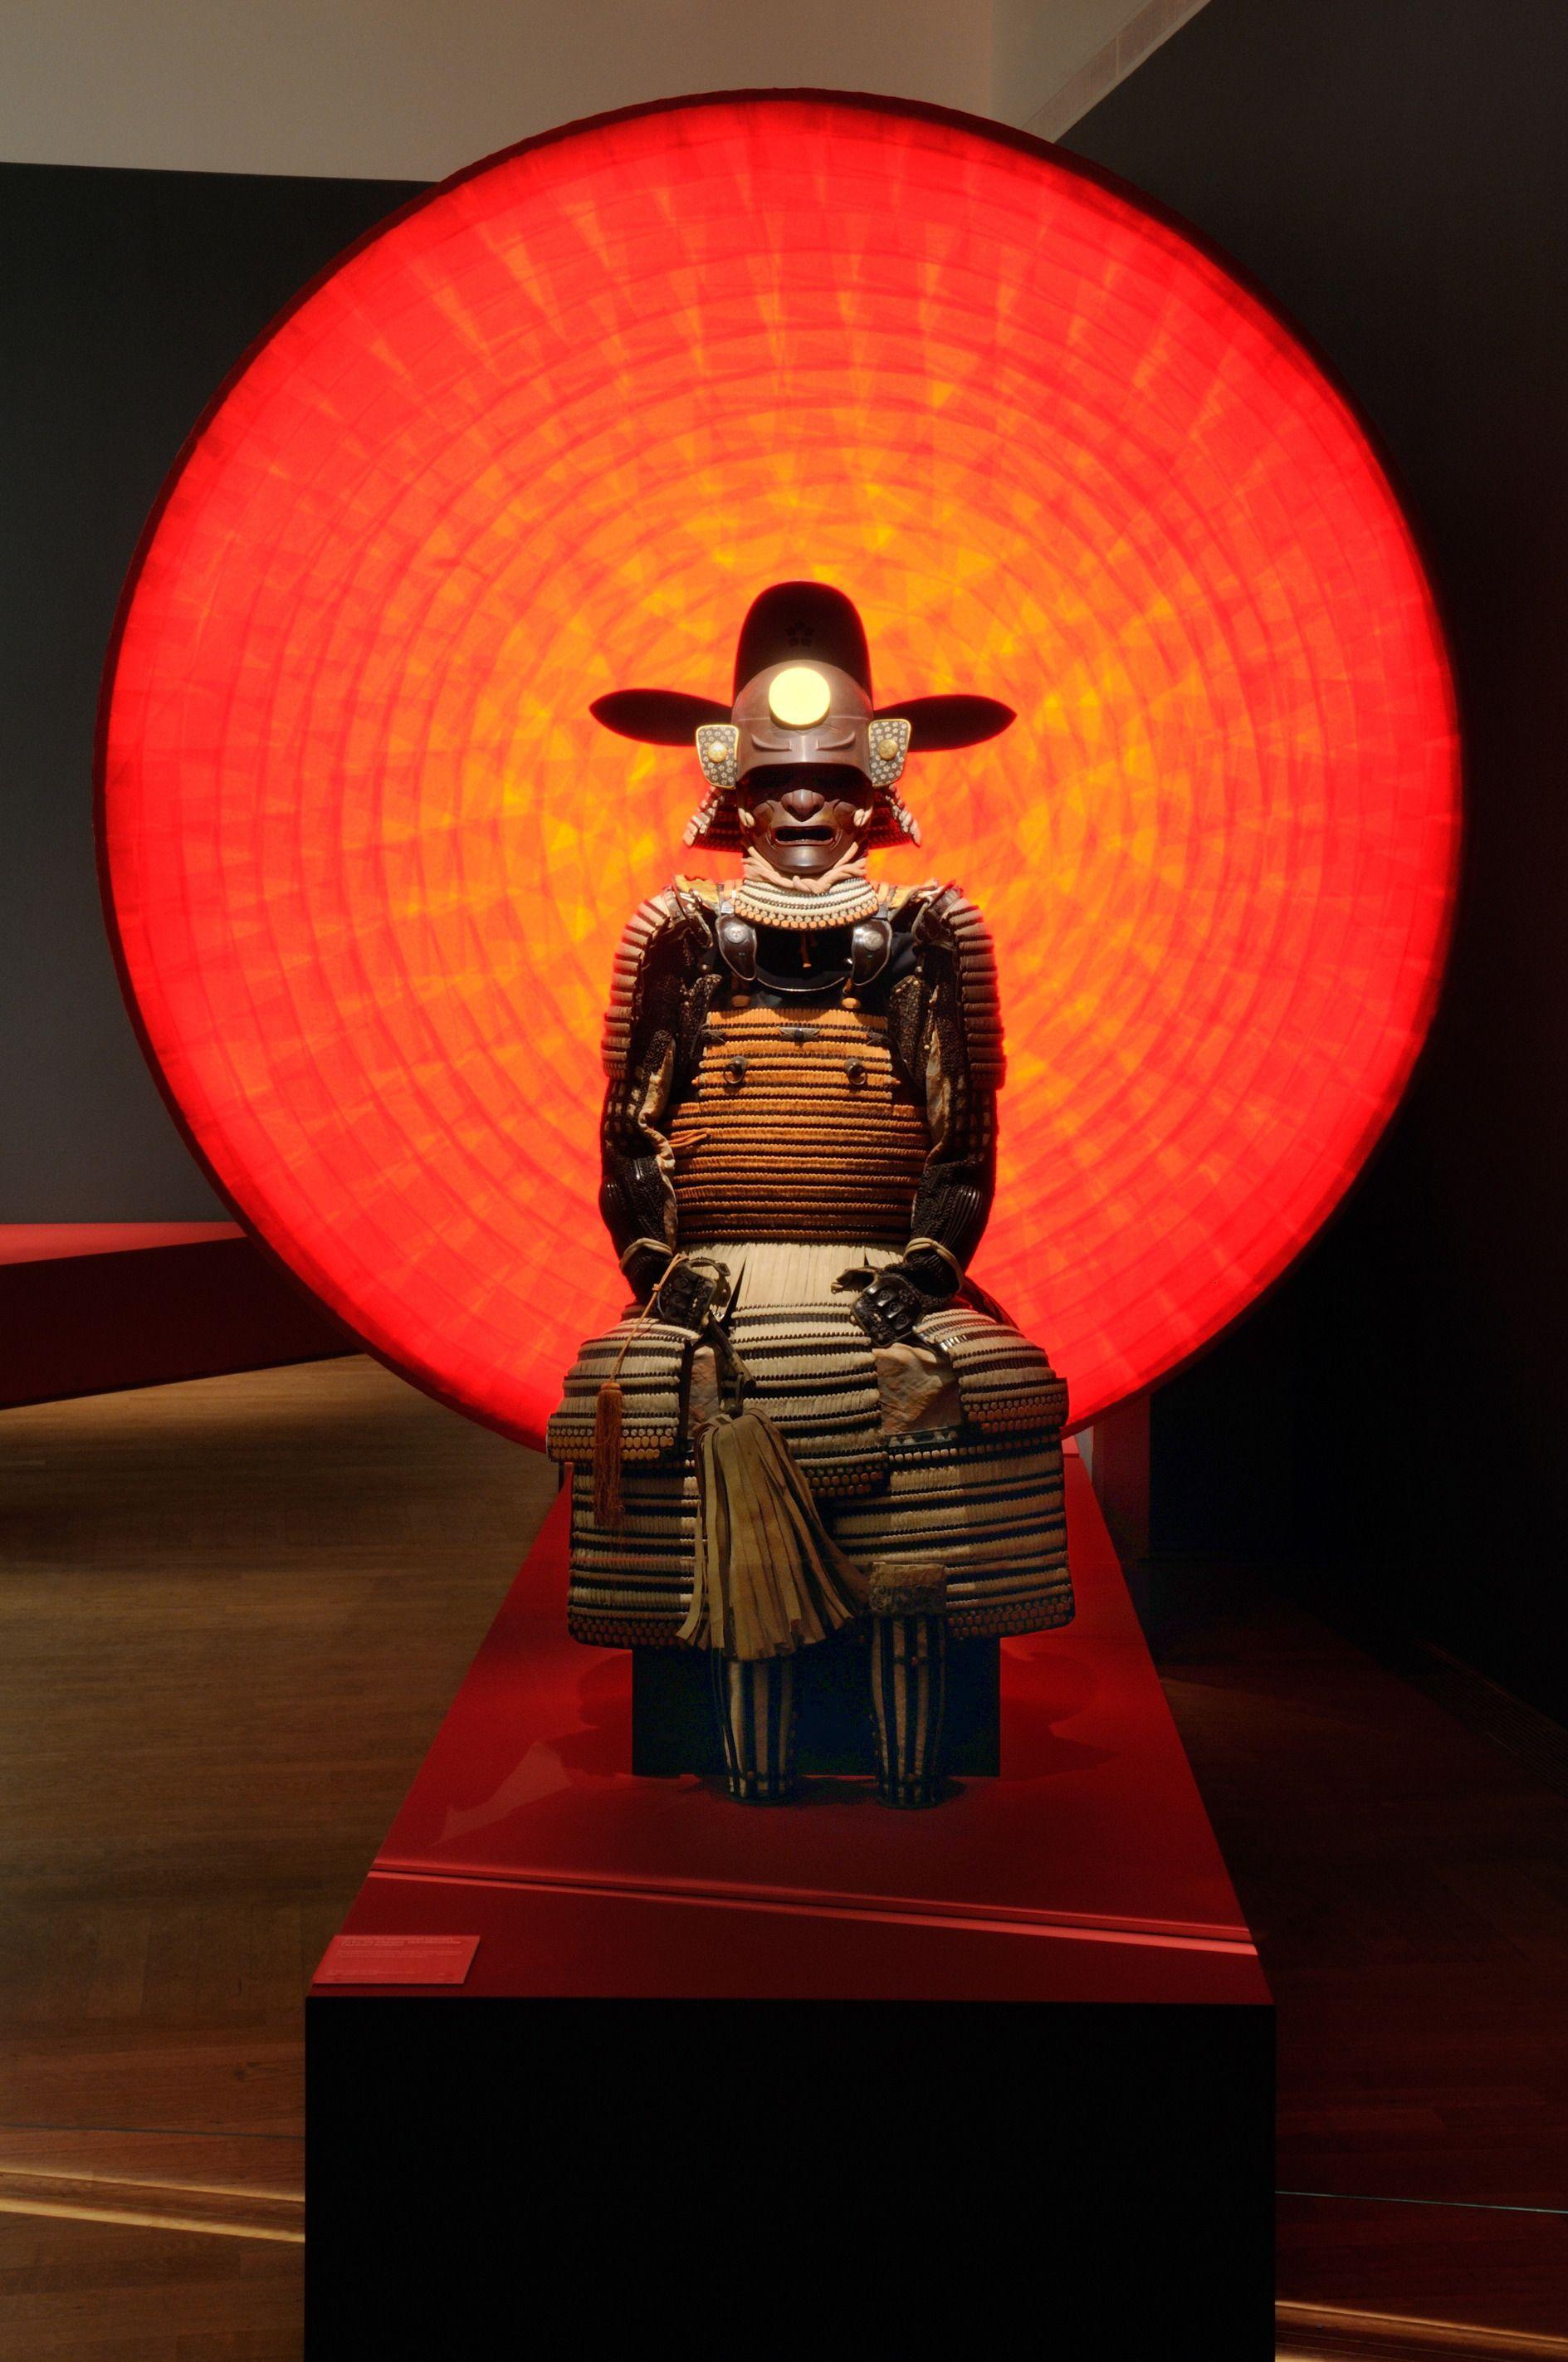 Samouraï, 1000 ans d'histoire du Japon, au musée d'Histoire de Nantes.